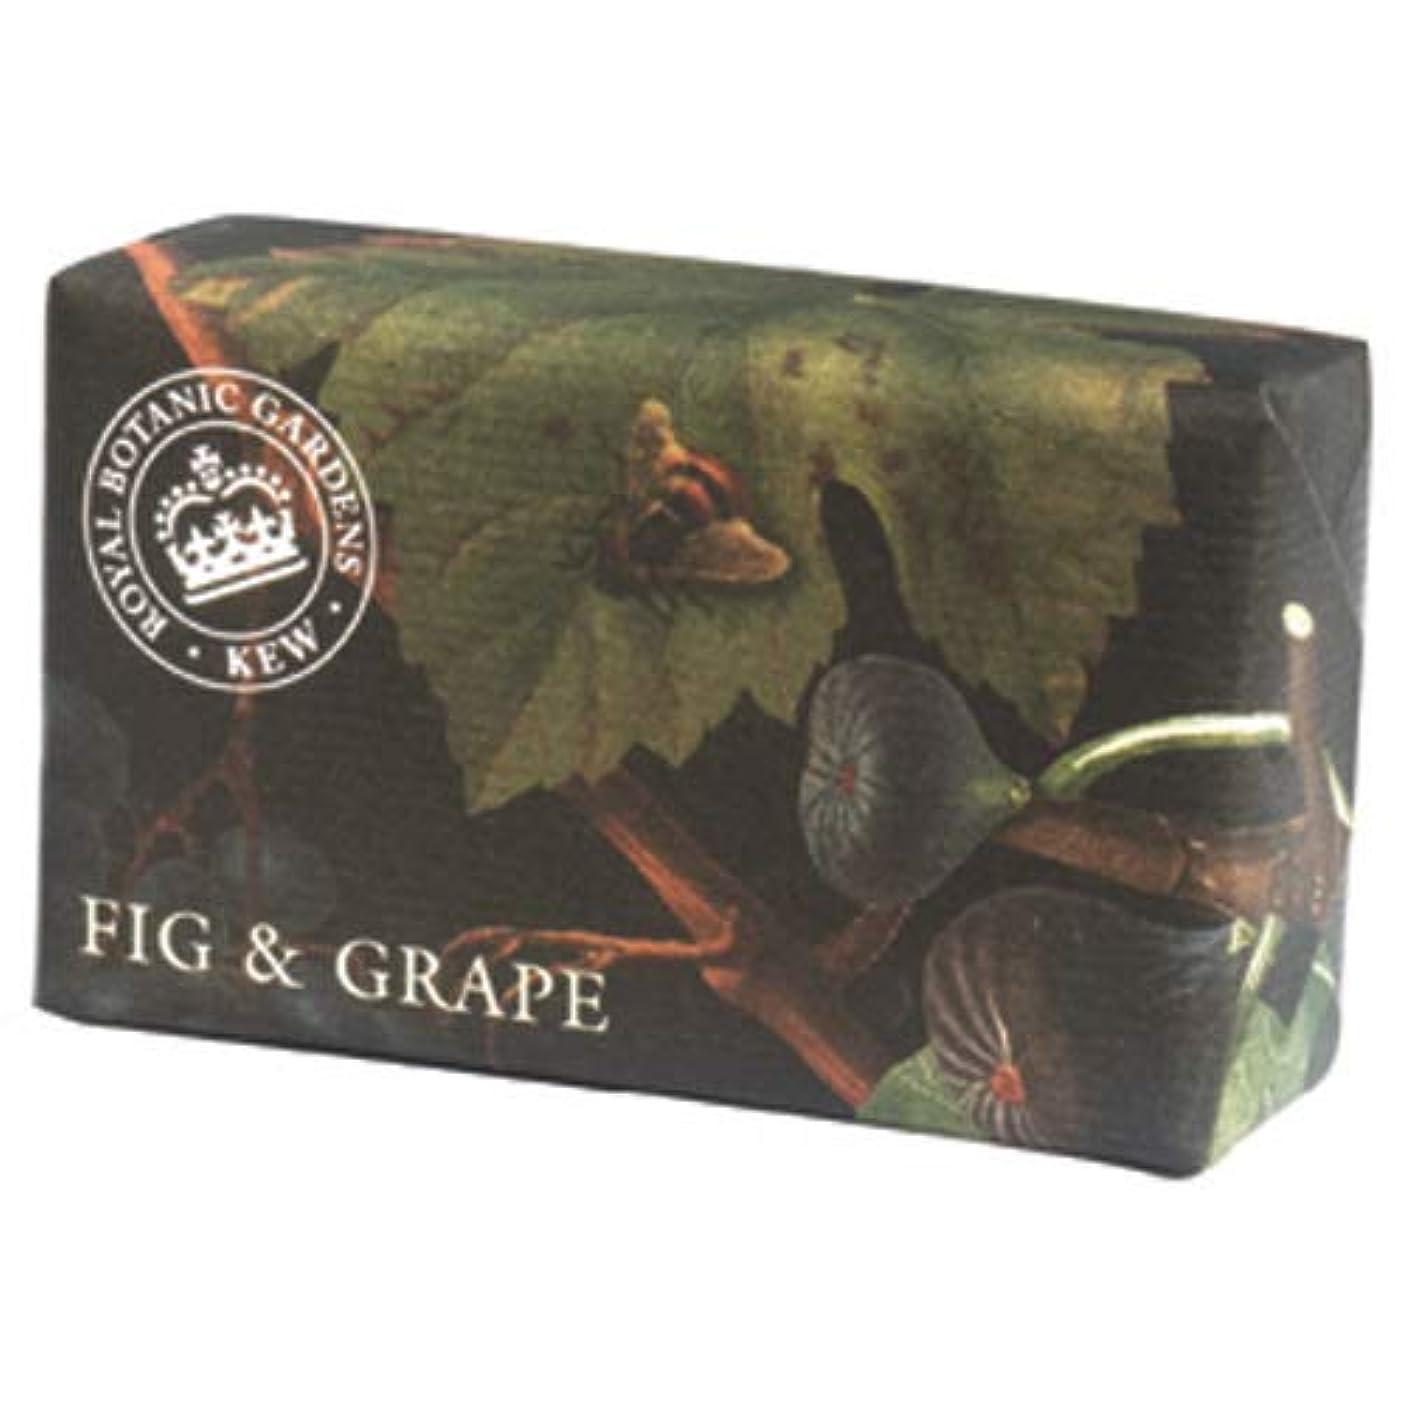 眉をひそめるあなたが良くなります無意味三和トレーディング English Soap Company イングリッシュソープカンパニー KEW GARDEN キュー?ガーデン Luxury Shea Soaps シアソープ Fig & Grape フィグ&グレープ